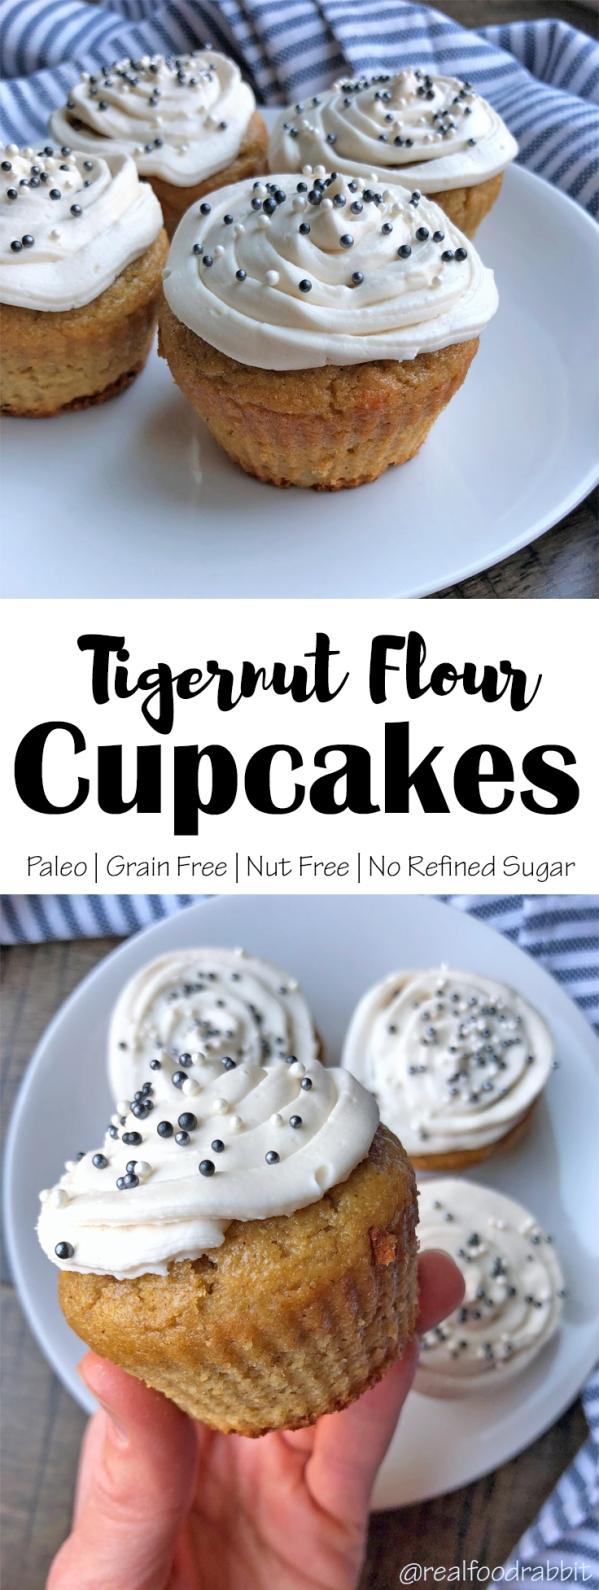 tigernut flour cupcakes.jpg